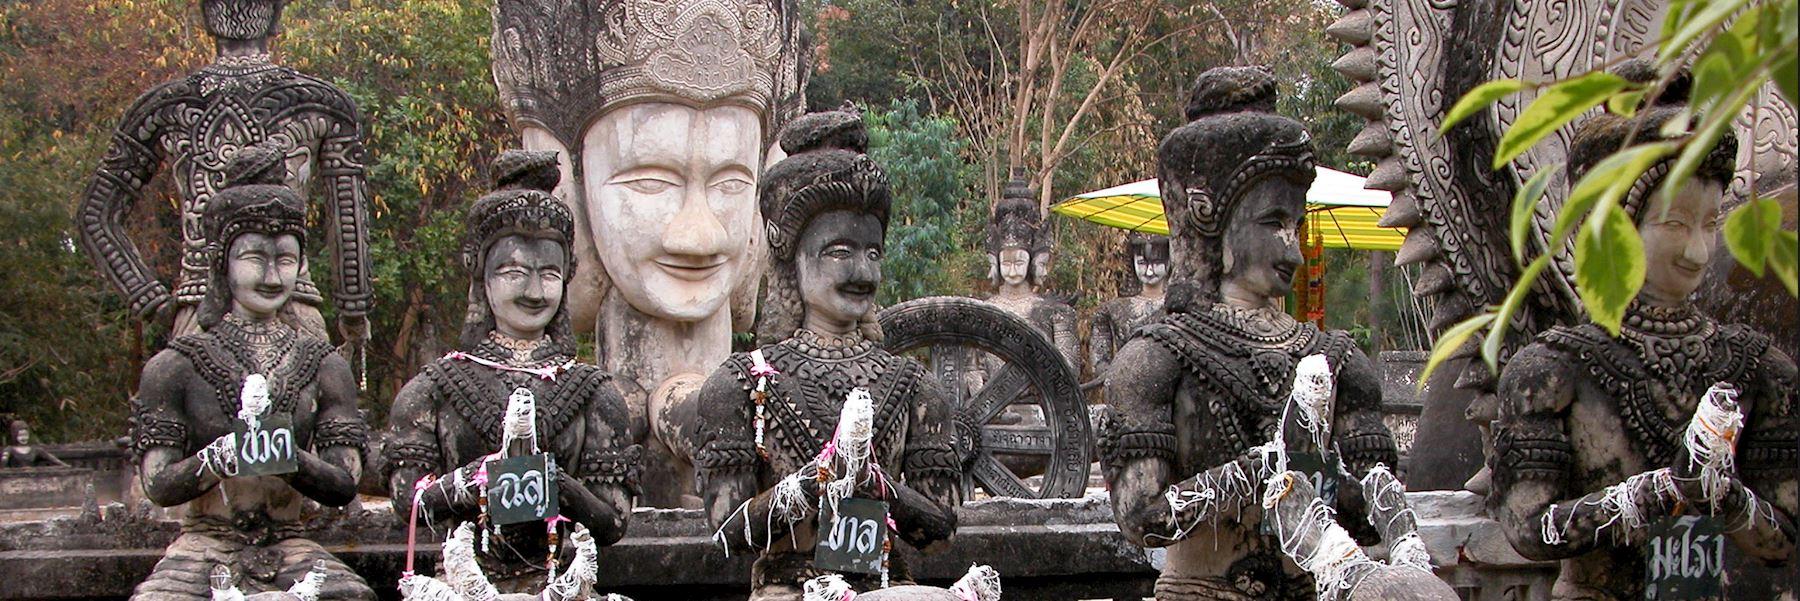 Visit Isaan, Thailand